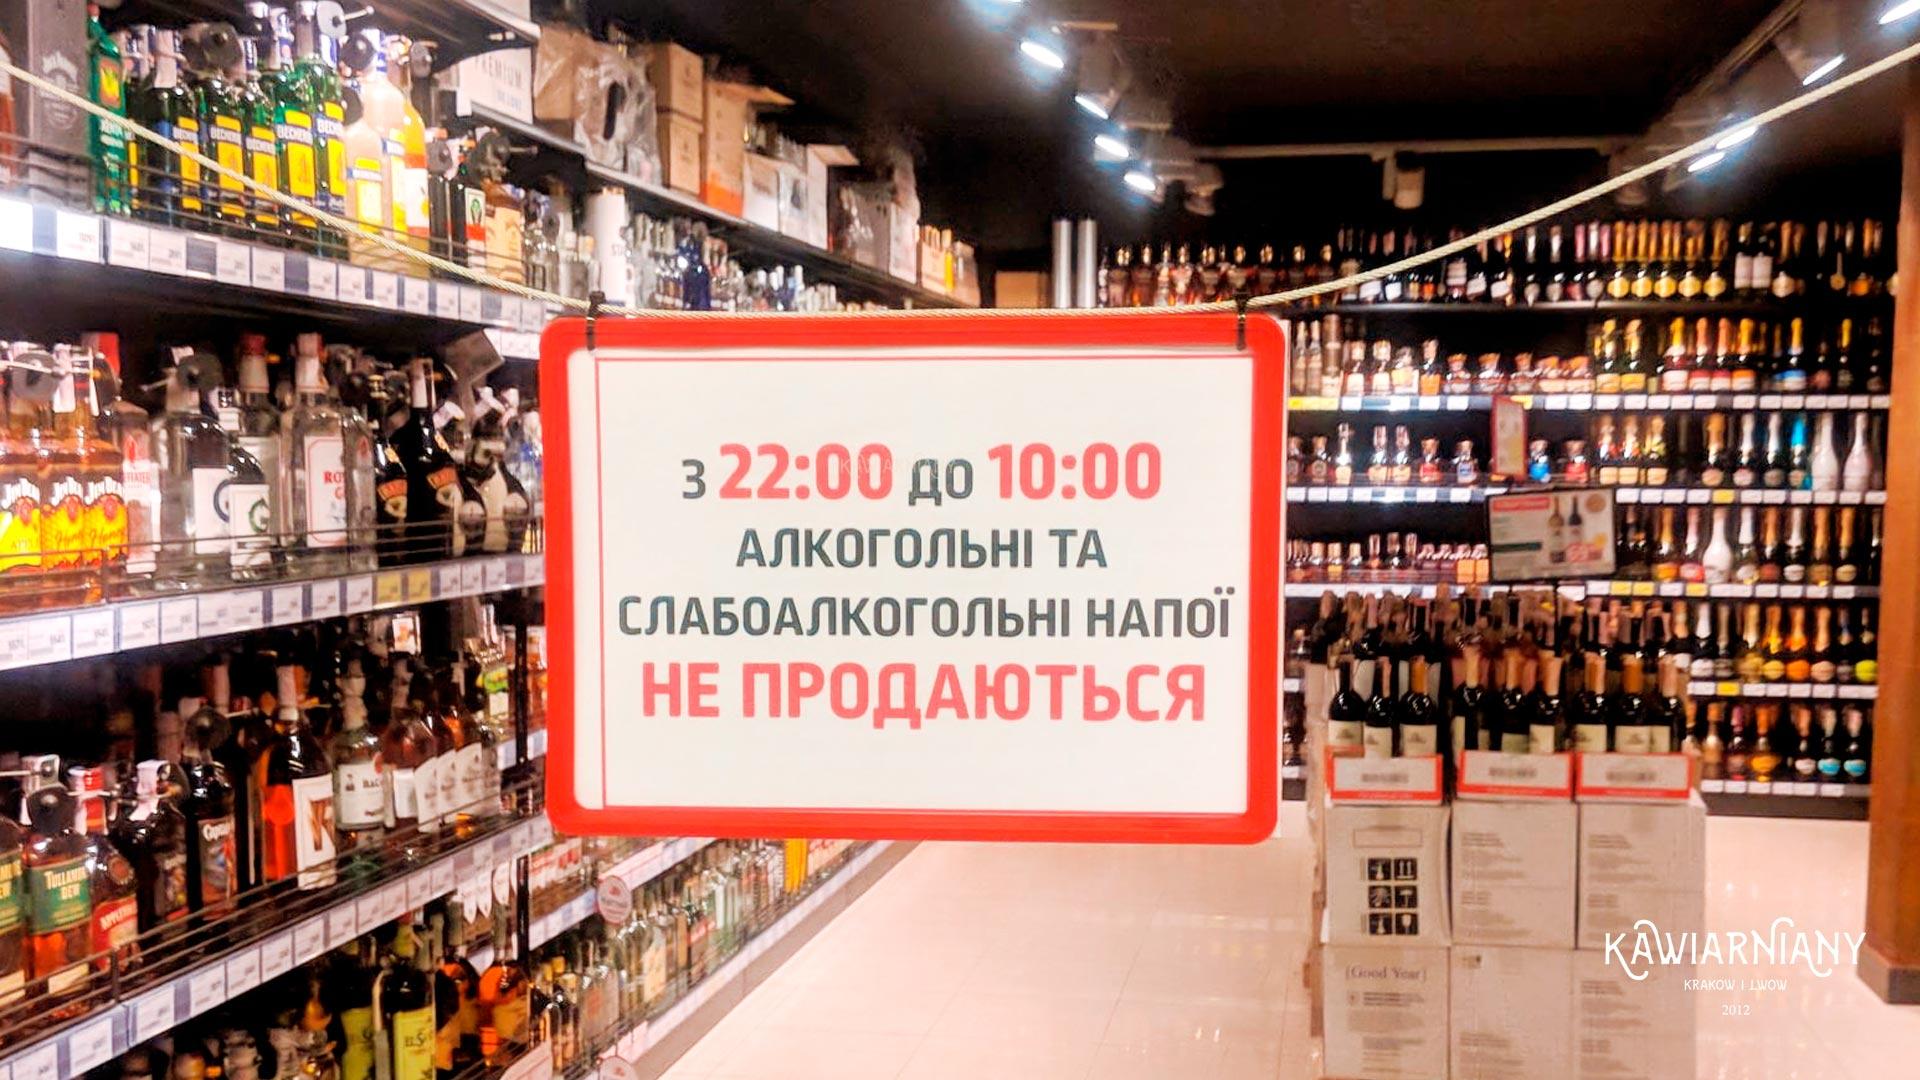 Zakaz sprzedaży alkoholu we Lwowie. Nocna prohibicja